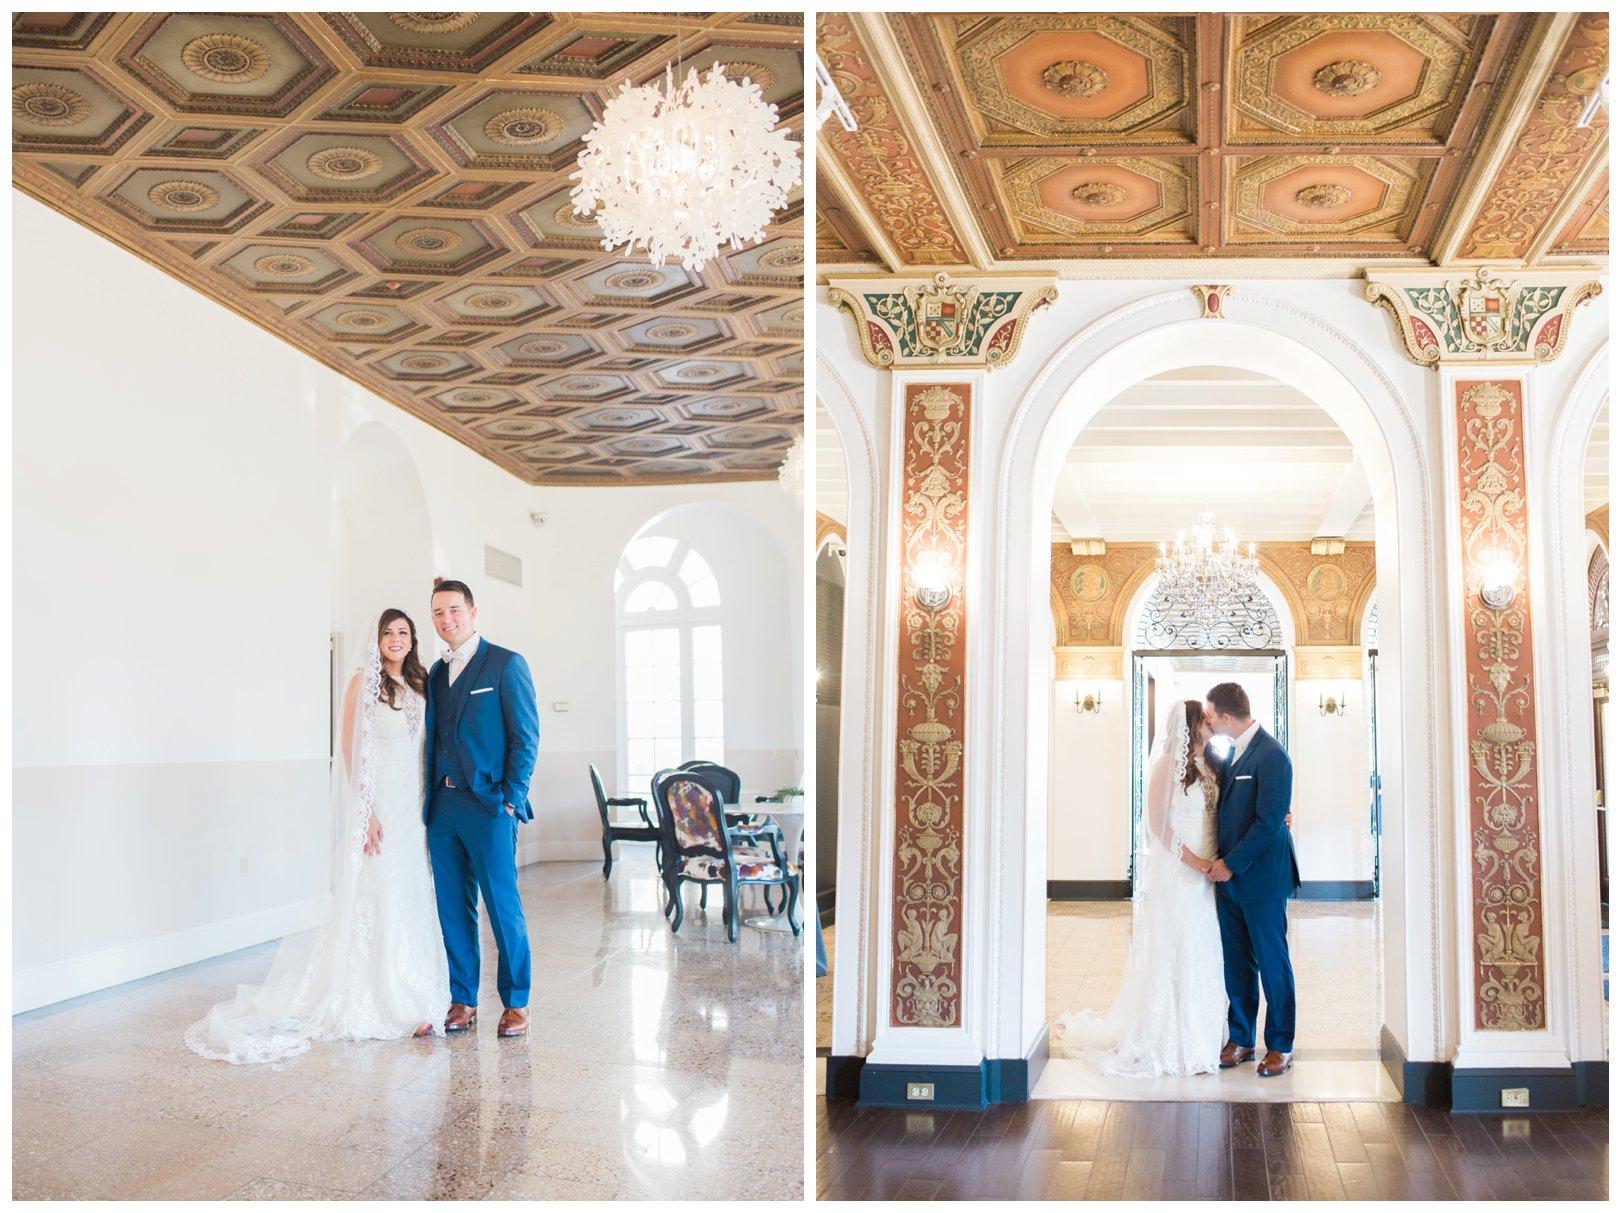 lauren muckler photography_fine art film wedding photography_st louis_photography_1197.jpg